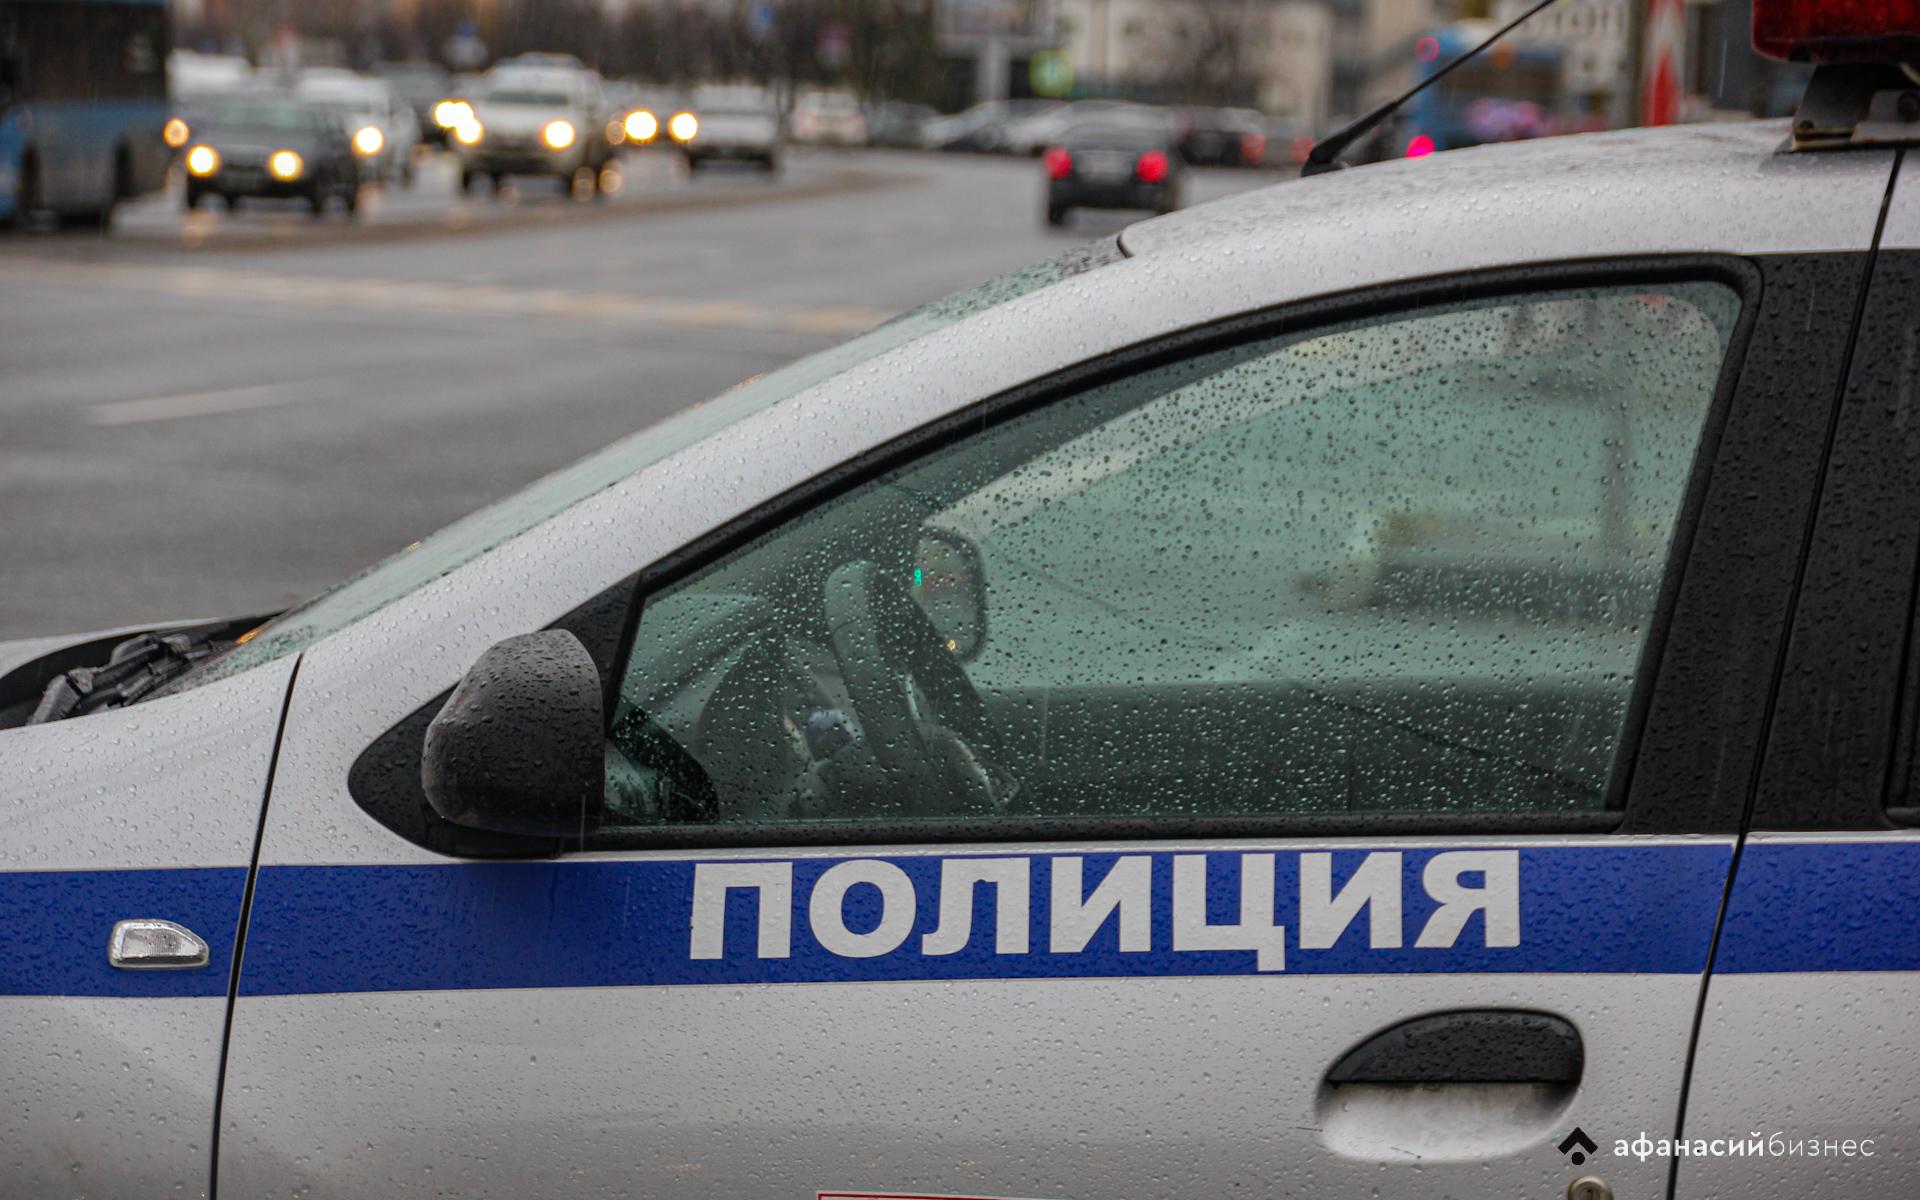 Трое жителей Тверской области устроили стрельбу из автомата в Петербурге - новости Афанасий